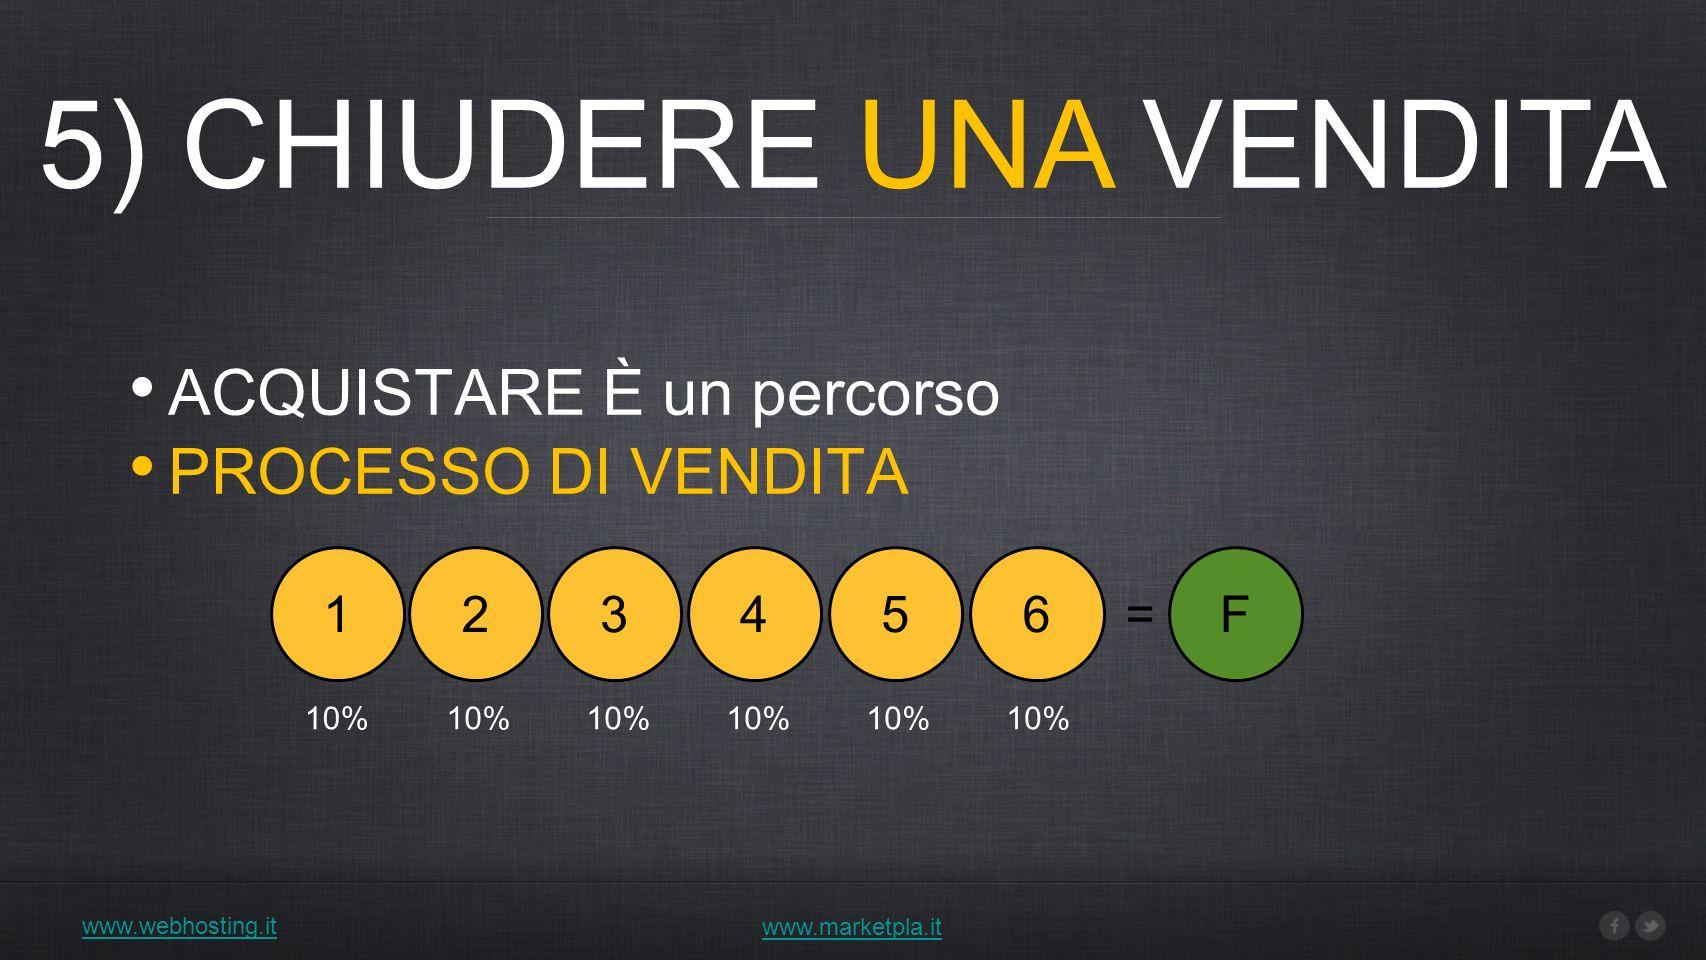 5) CHIUDERE UNA VENDITA www.webhosting.it www.marketpla.it ACQUISTARE È un percorso PROCESSO DI VENDITA 123456F= 10%